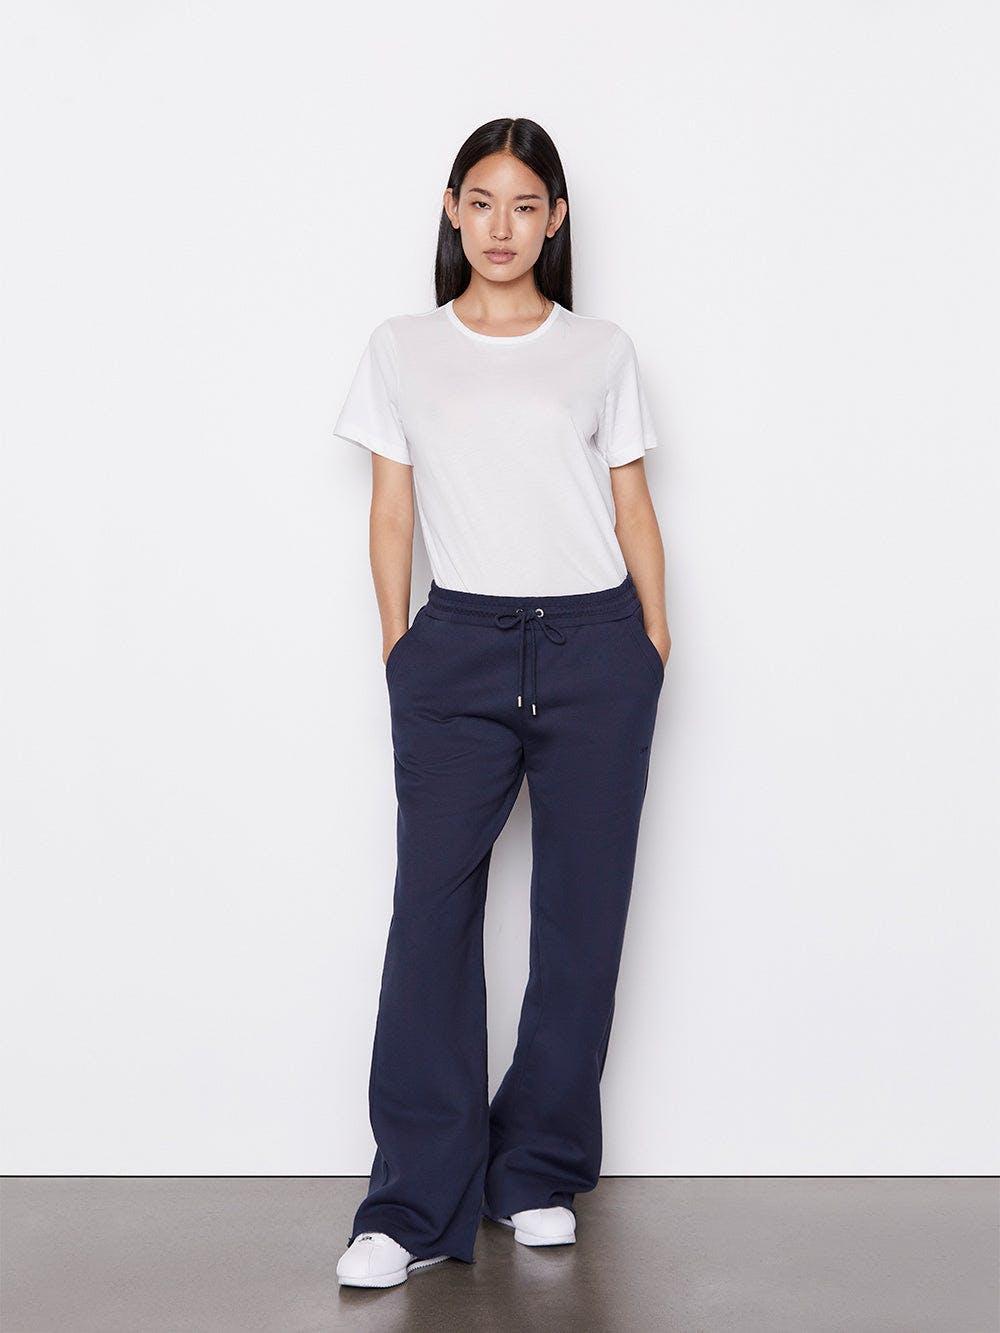 pants full body alt:hover